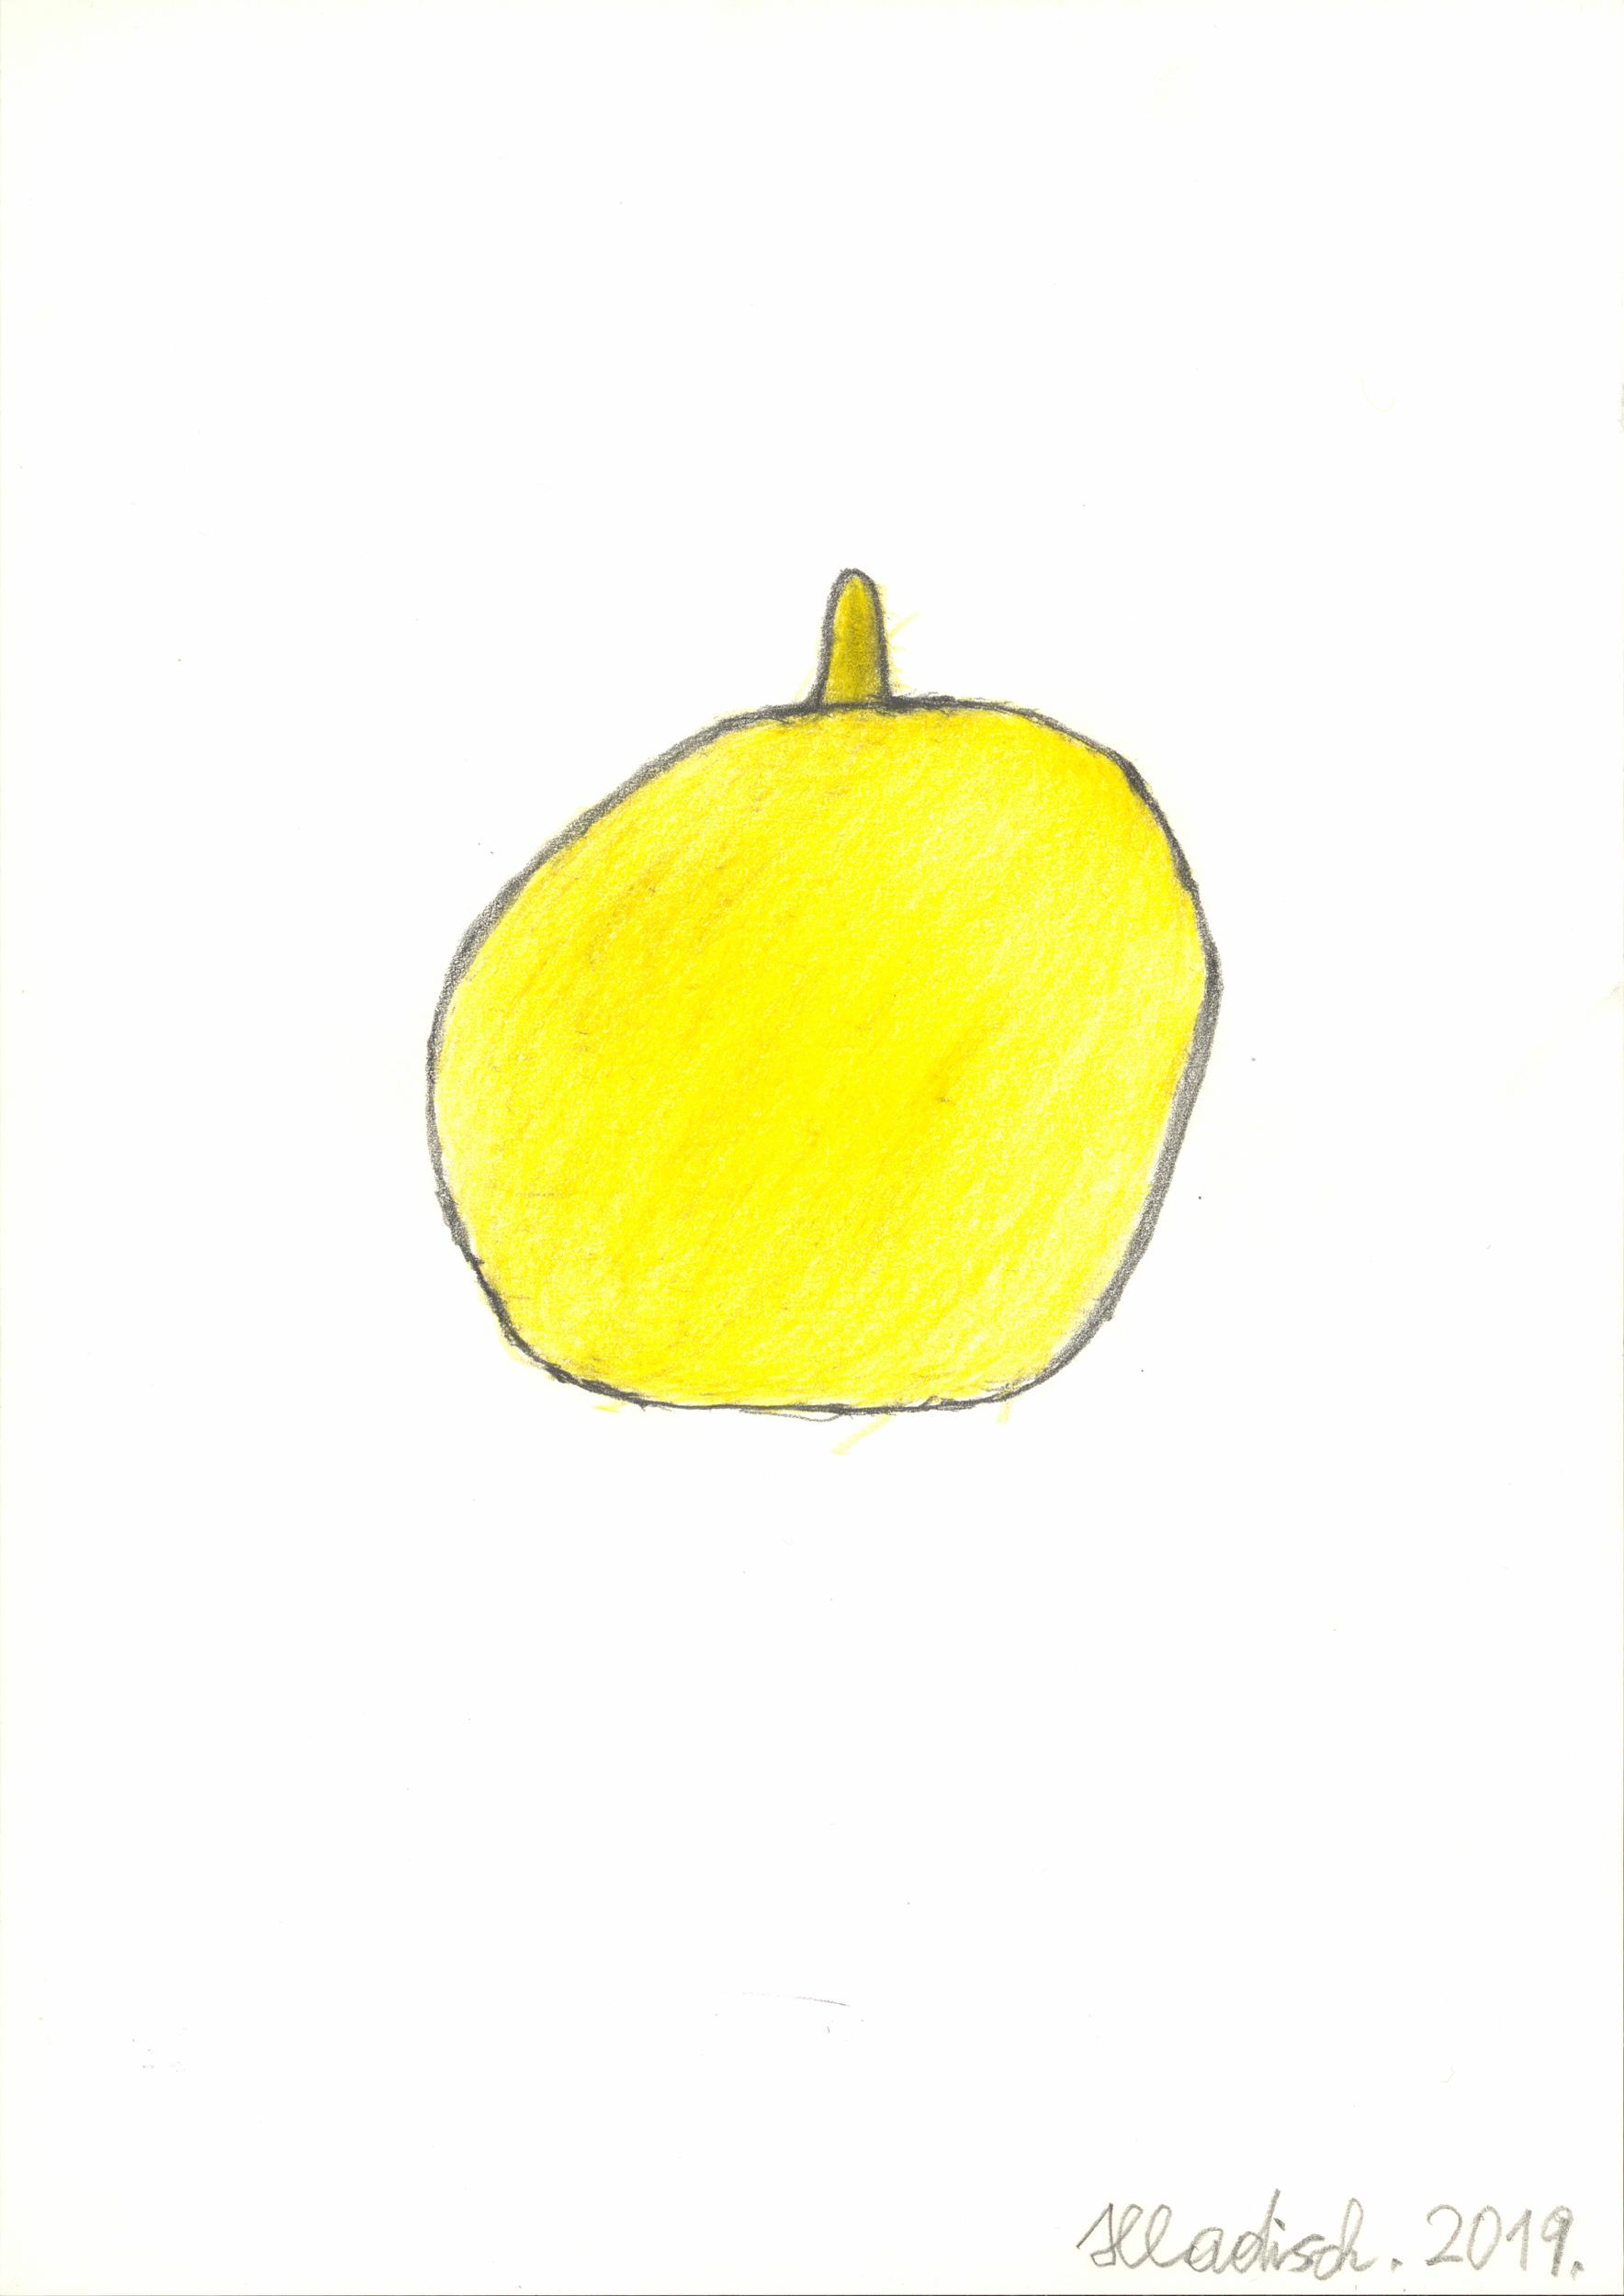 hladisch helmut - Zitrone / Lemon